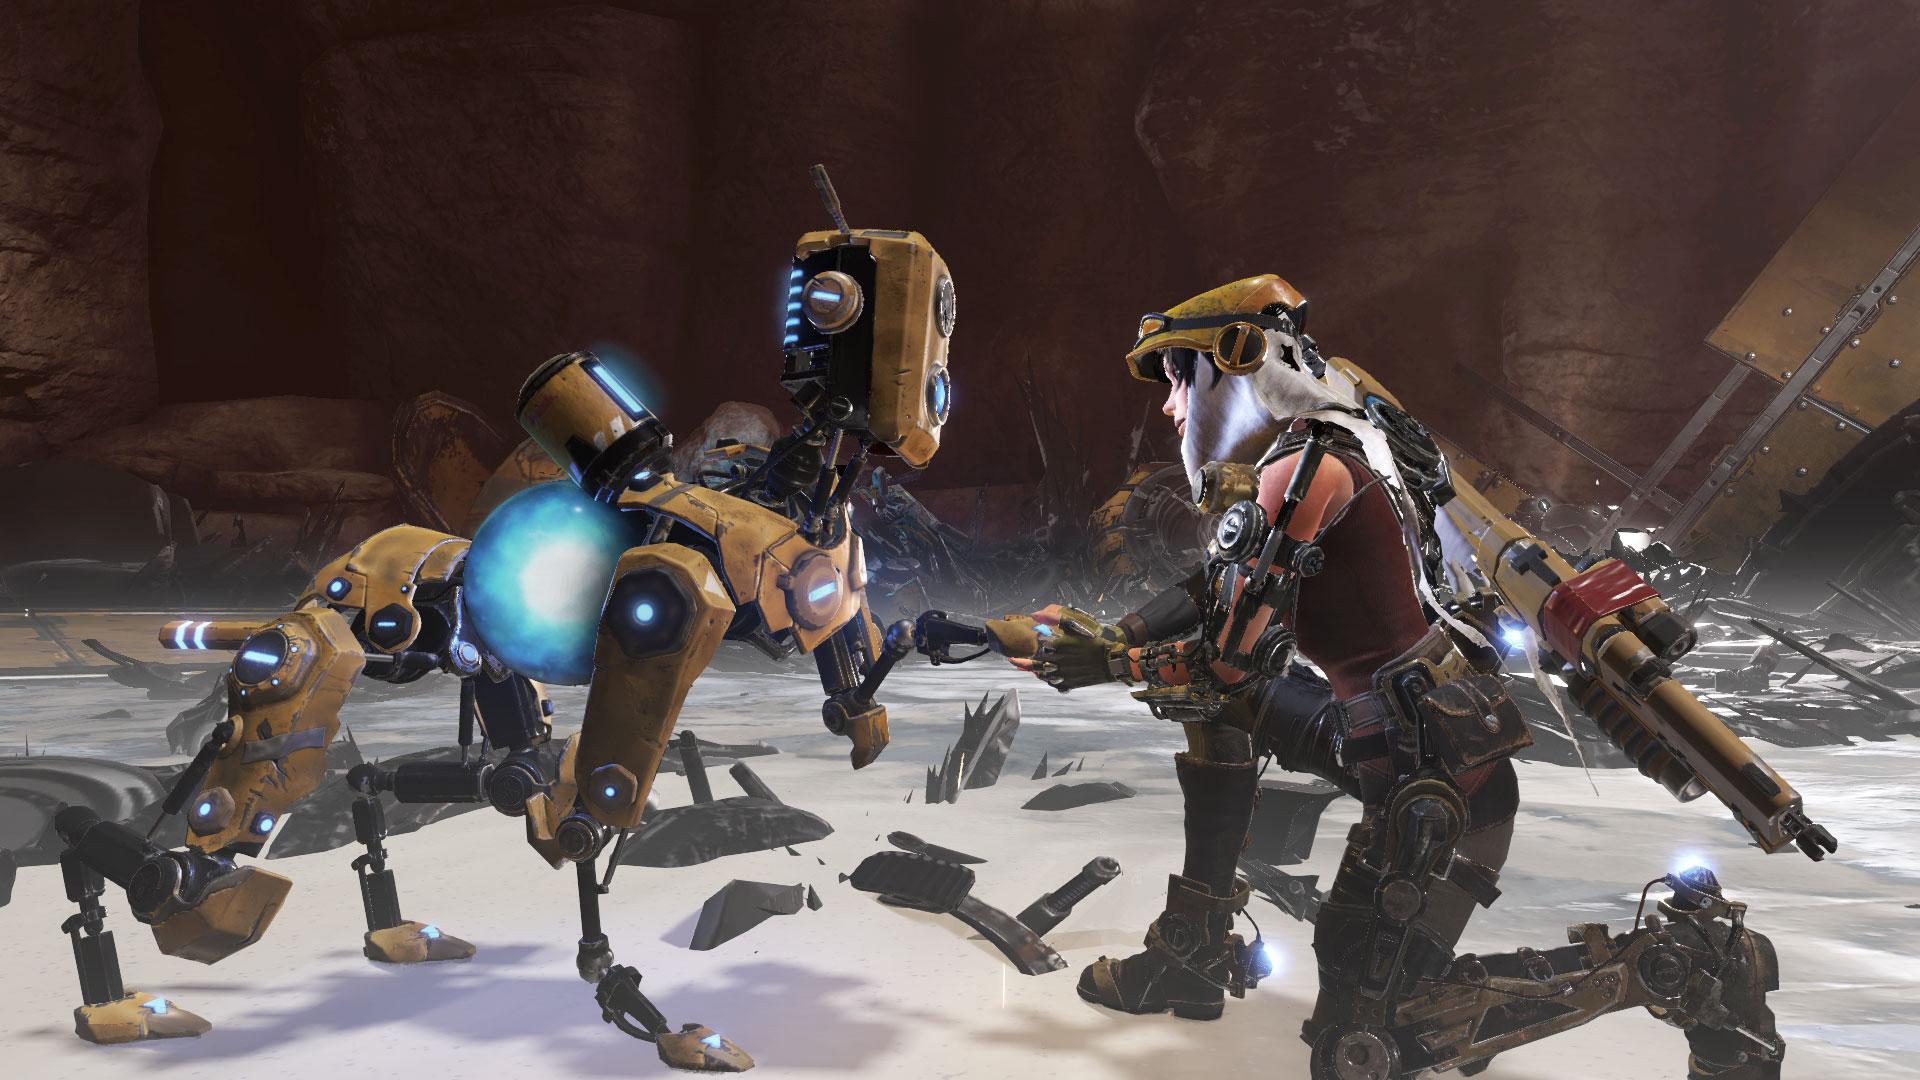 Joule, Mack og de andre robothjelperne knytter et godt vennskap.